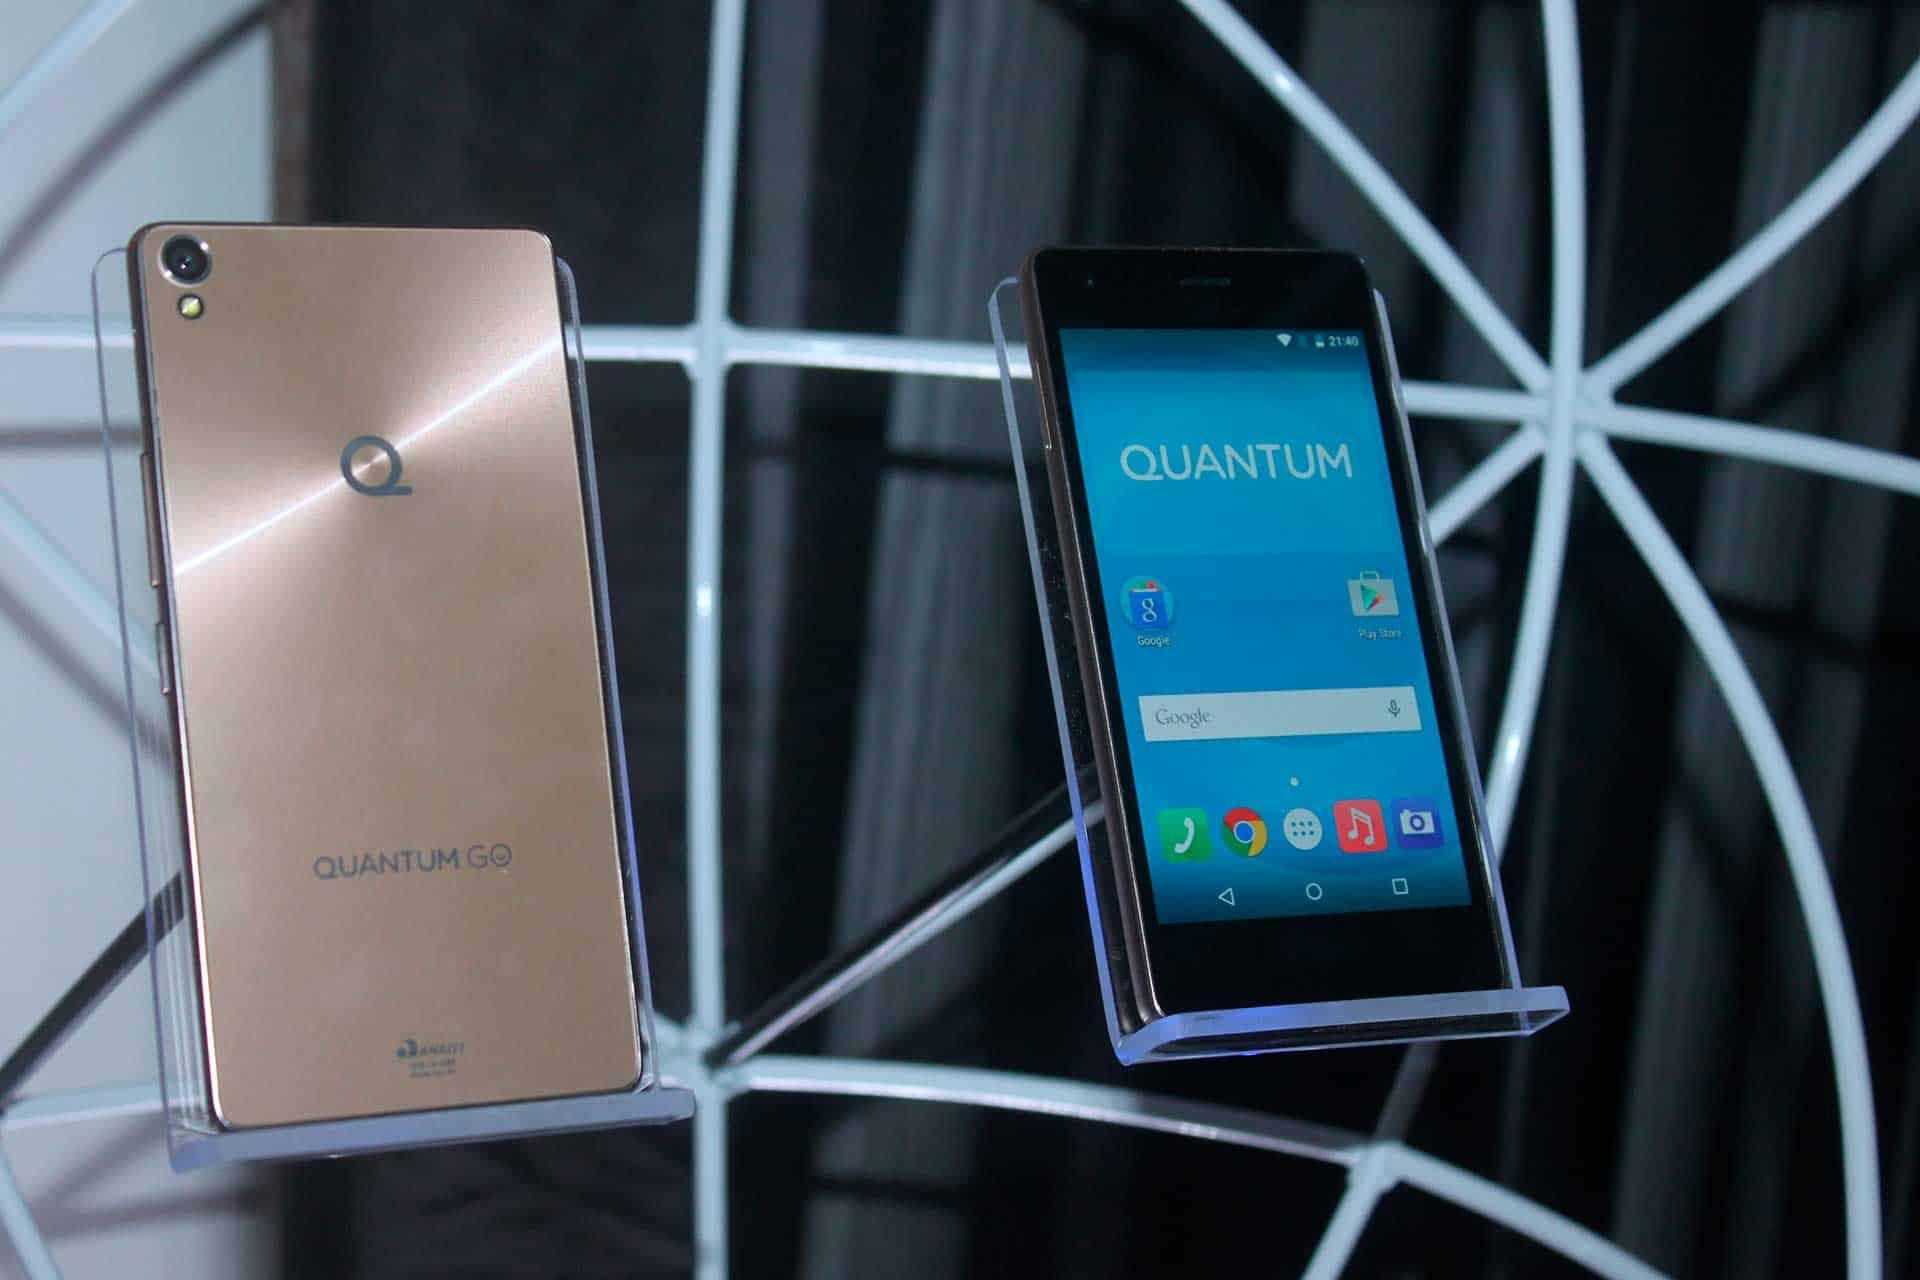 quantum go 4g hardware